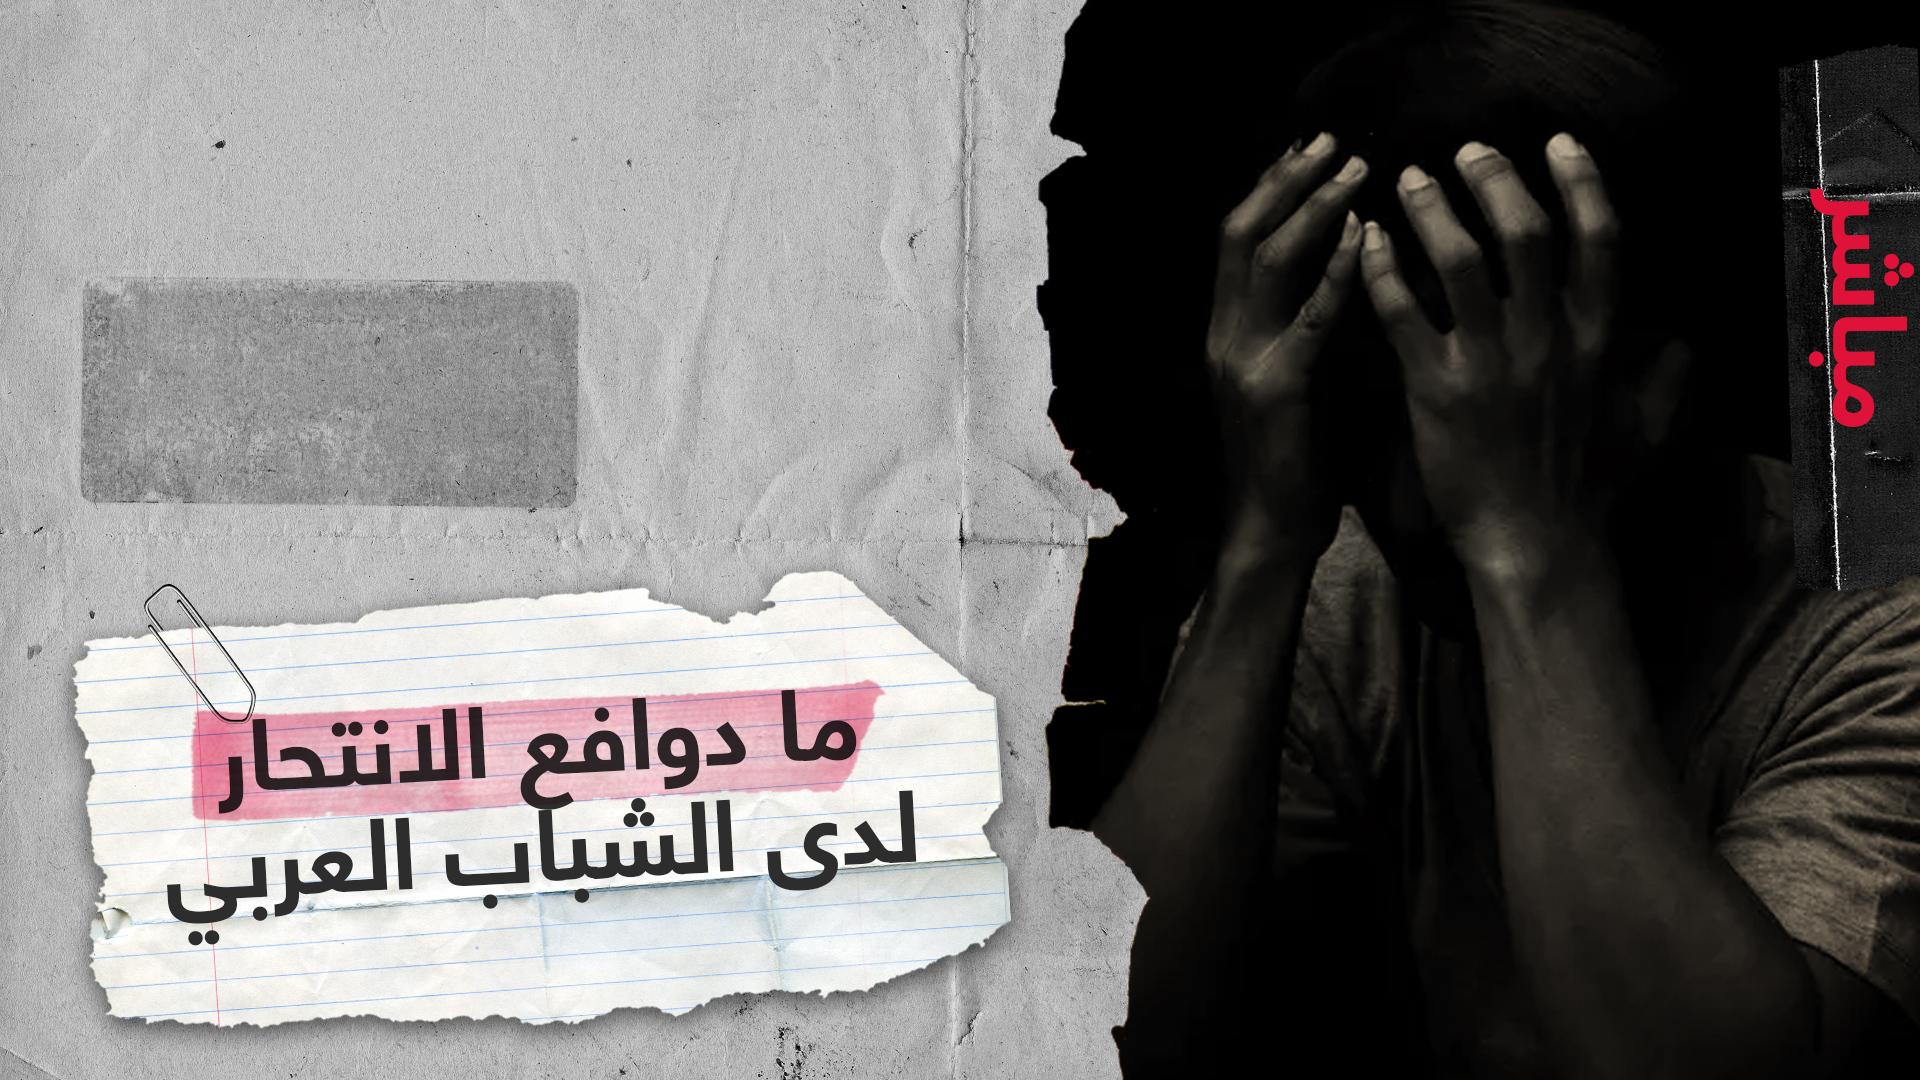 ما دوافع الانتحار لدى الشباب العربي؟